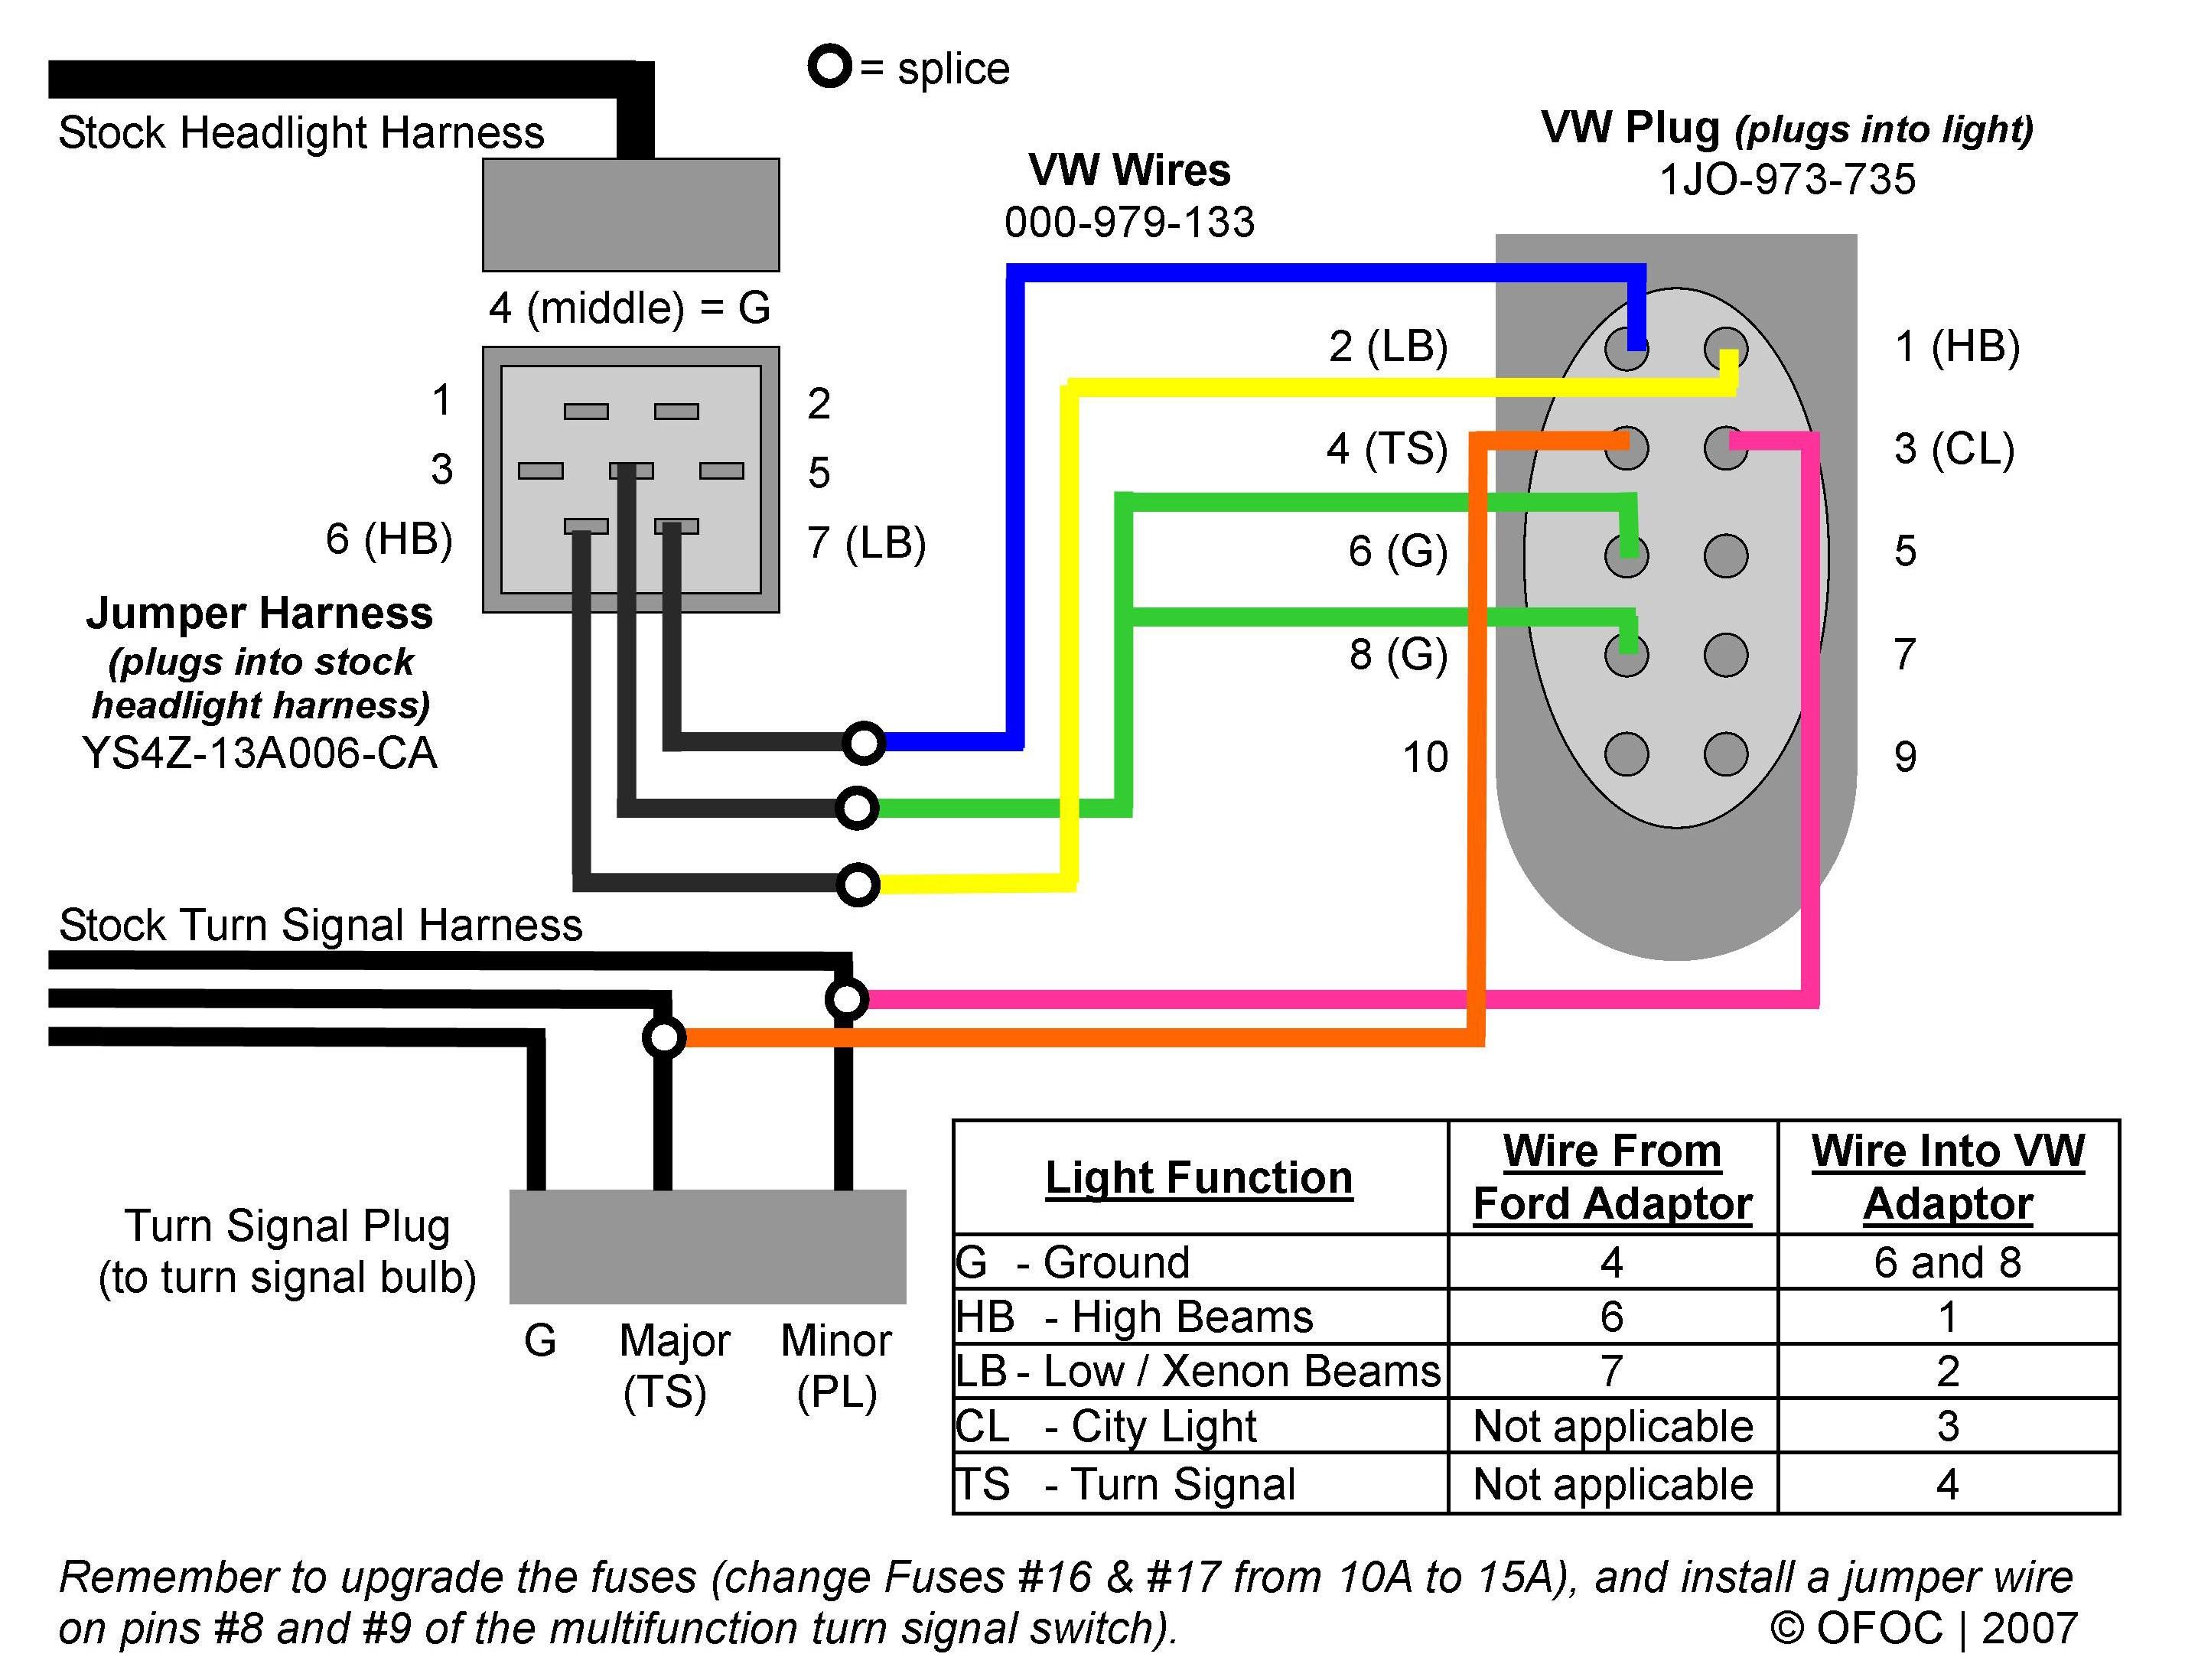 2006 Vw Jetta Radio Wiring Diagram Cl 1 Wiring Diagram Wiring Diagrams Of 2006 Vw Jetta Radio Wiring Diagram